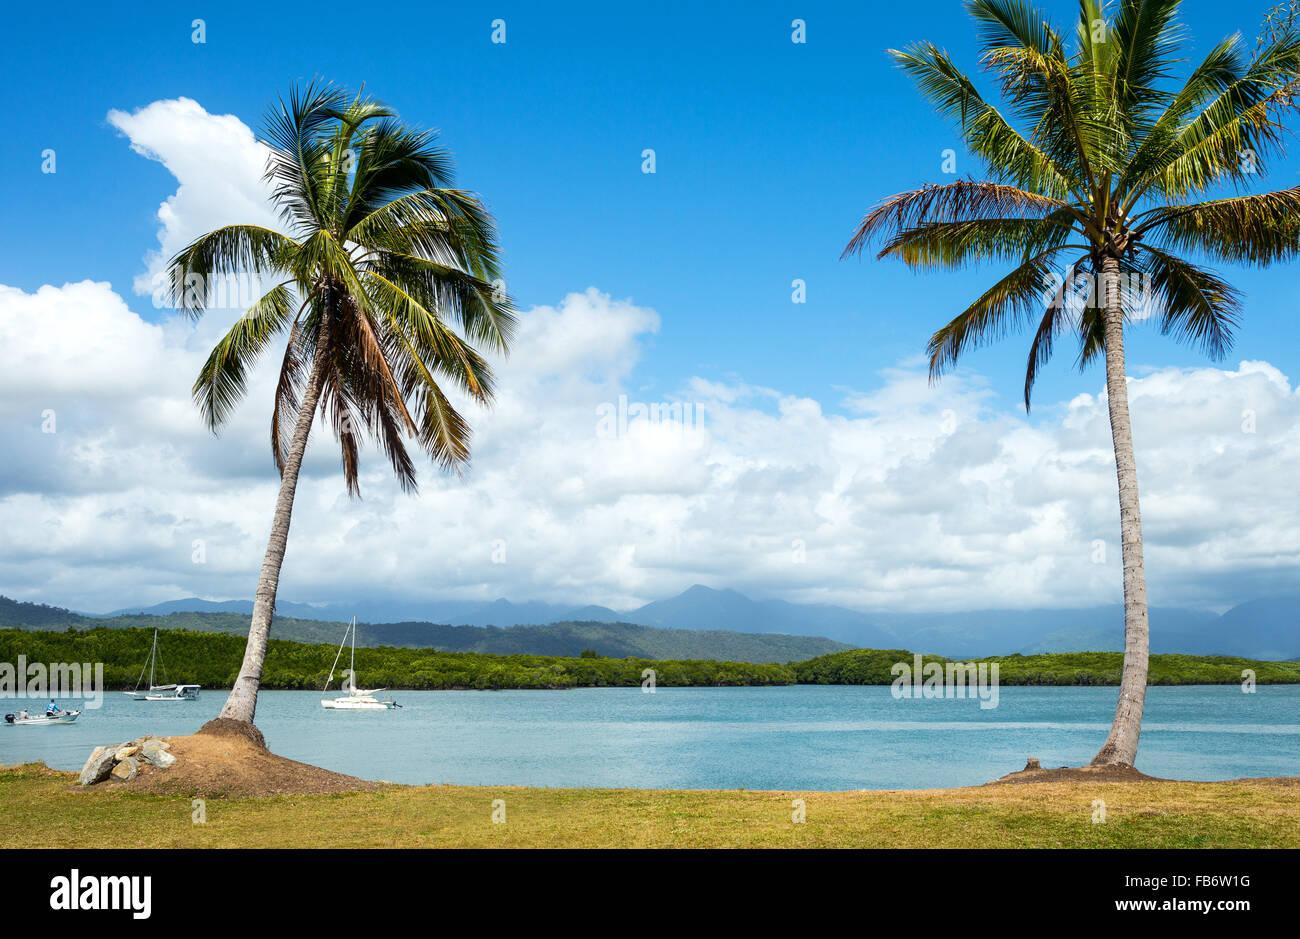 L'Australie, Queensland, Port Douglas, de palmiers sur le front de mer Photo Stock